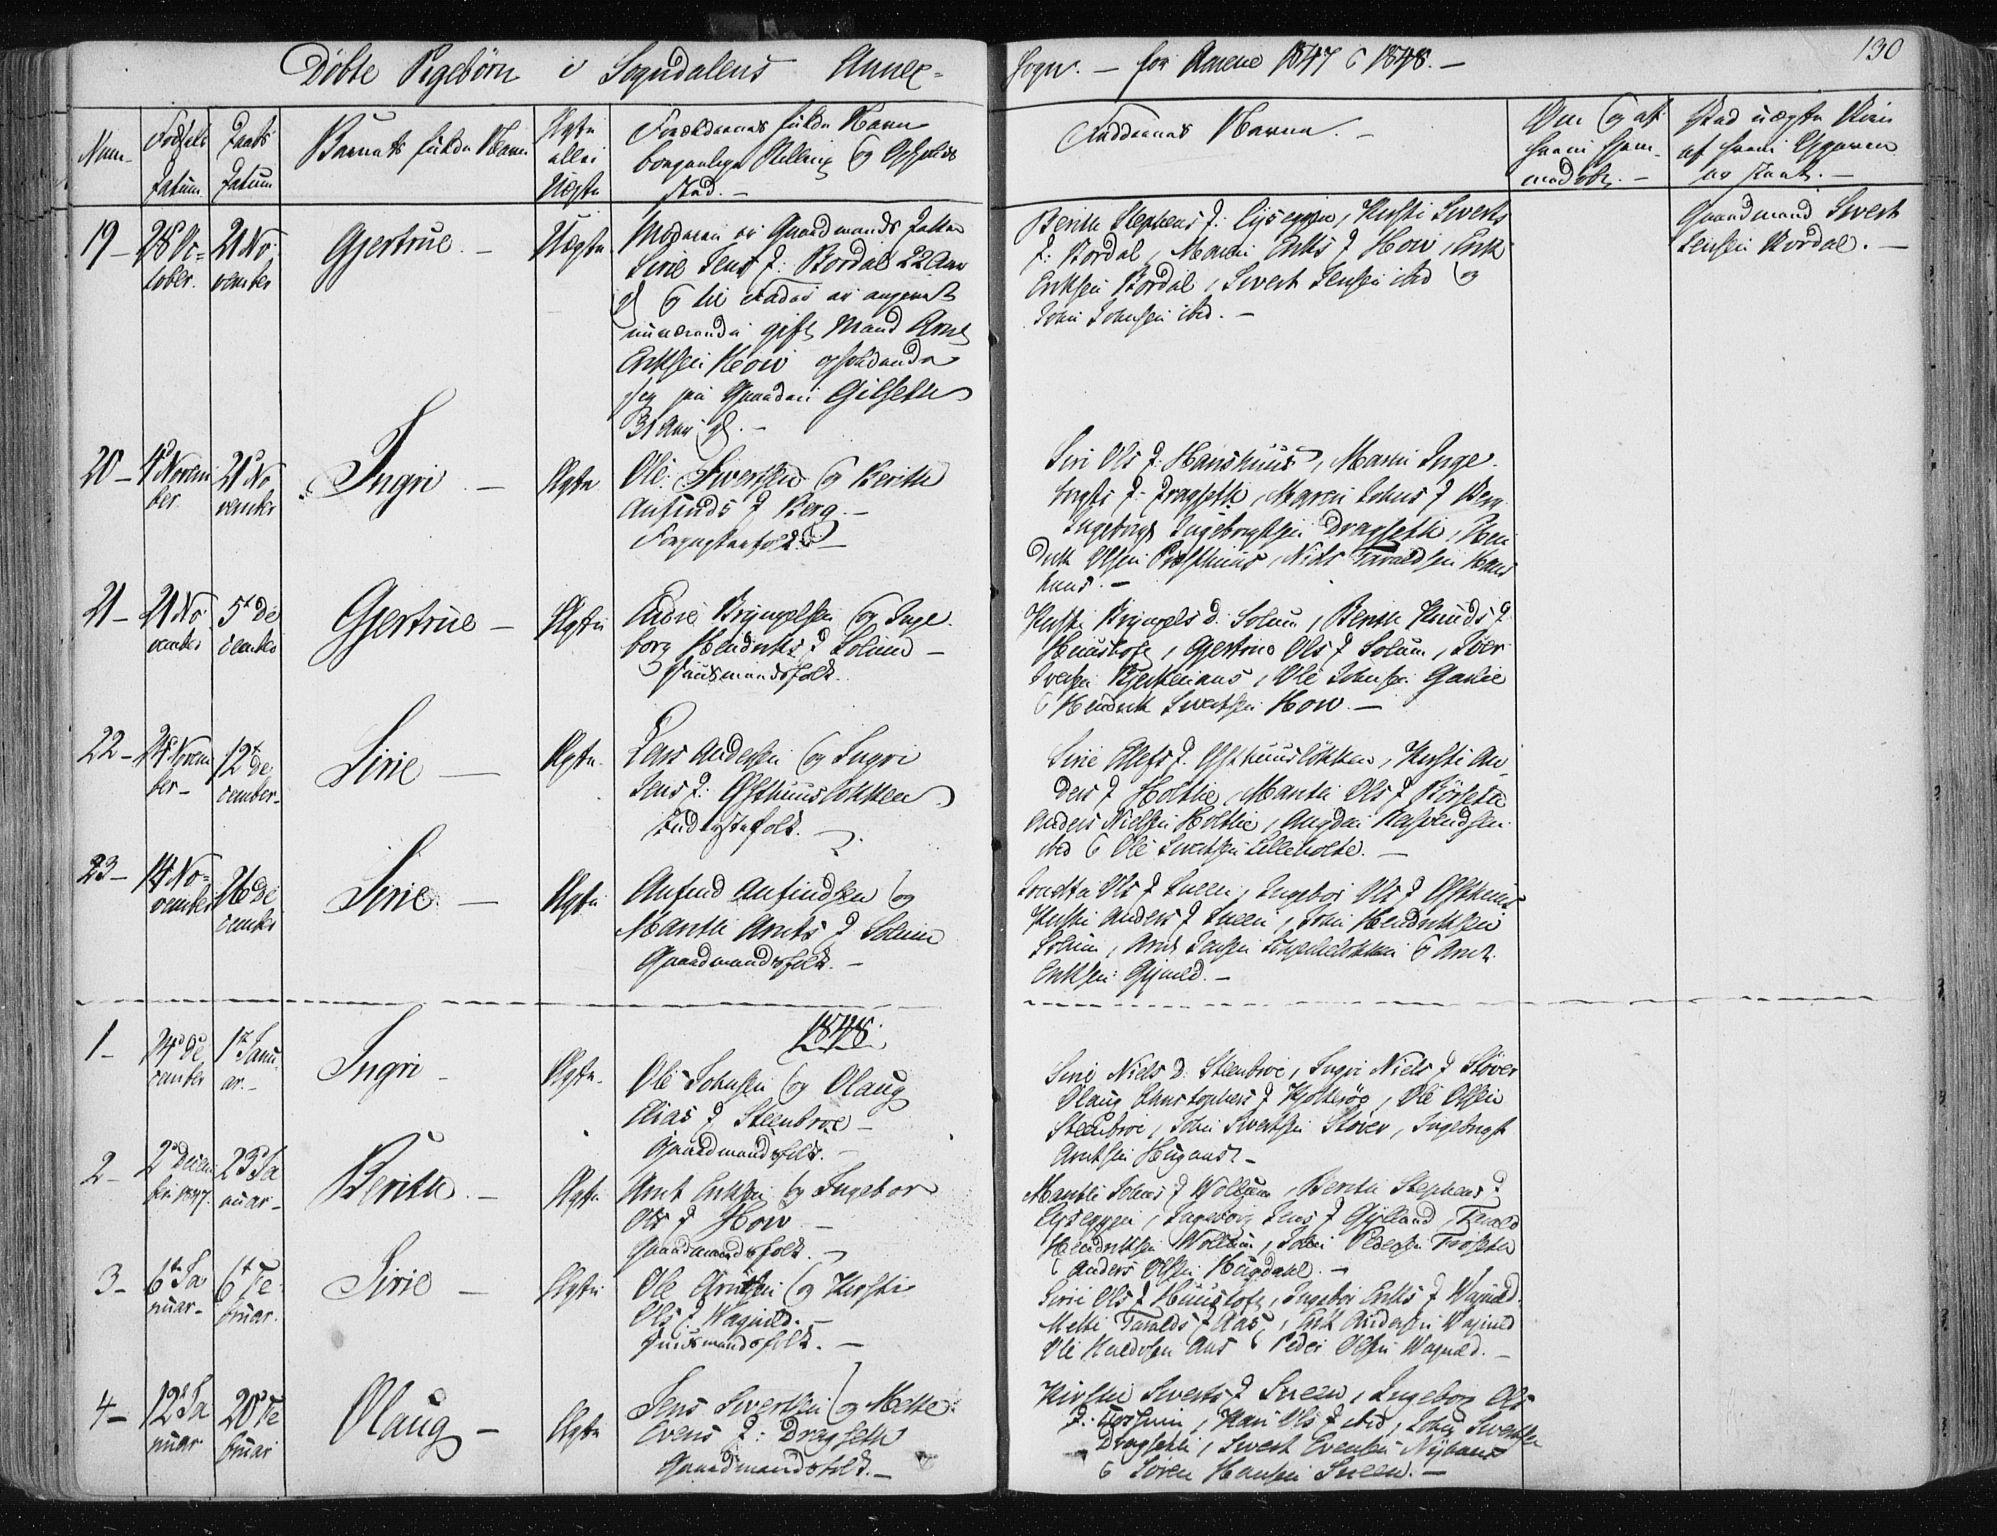 SAT, Ministerialprotokoller, klokkerbøker og fødselsregistre - Sør-Trøndelag, 687/L0999: Ministerialbok nr. 687A05 /3, 1843-1848, s. 130